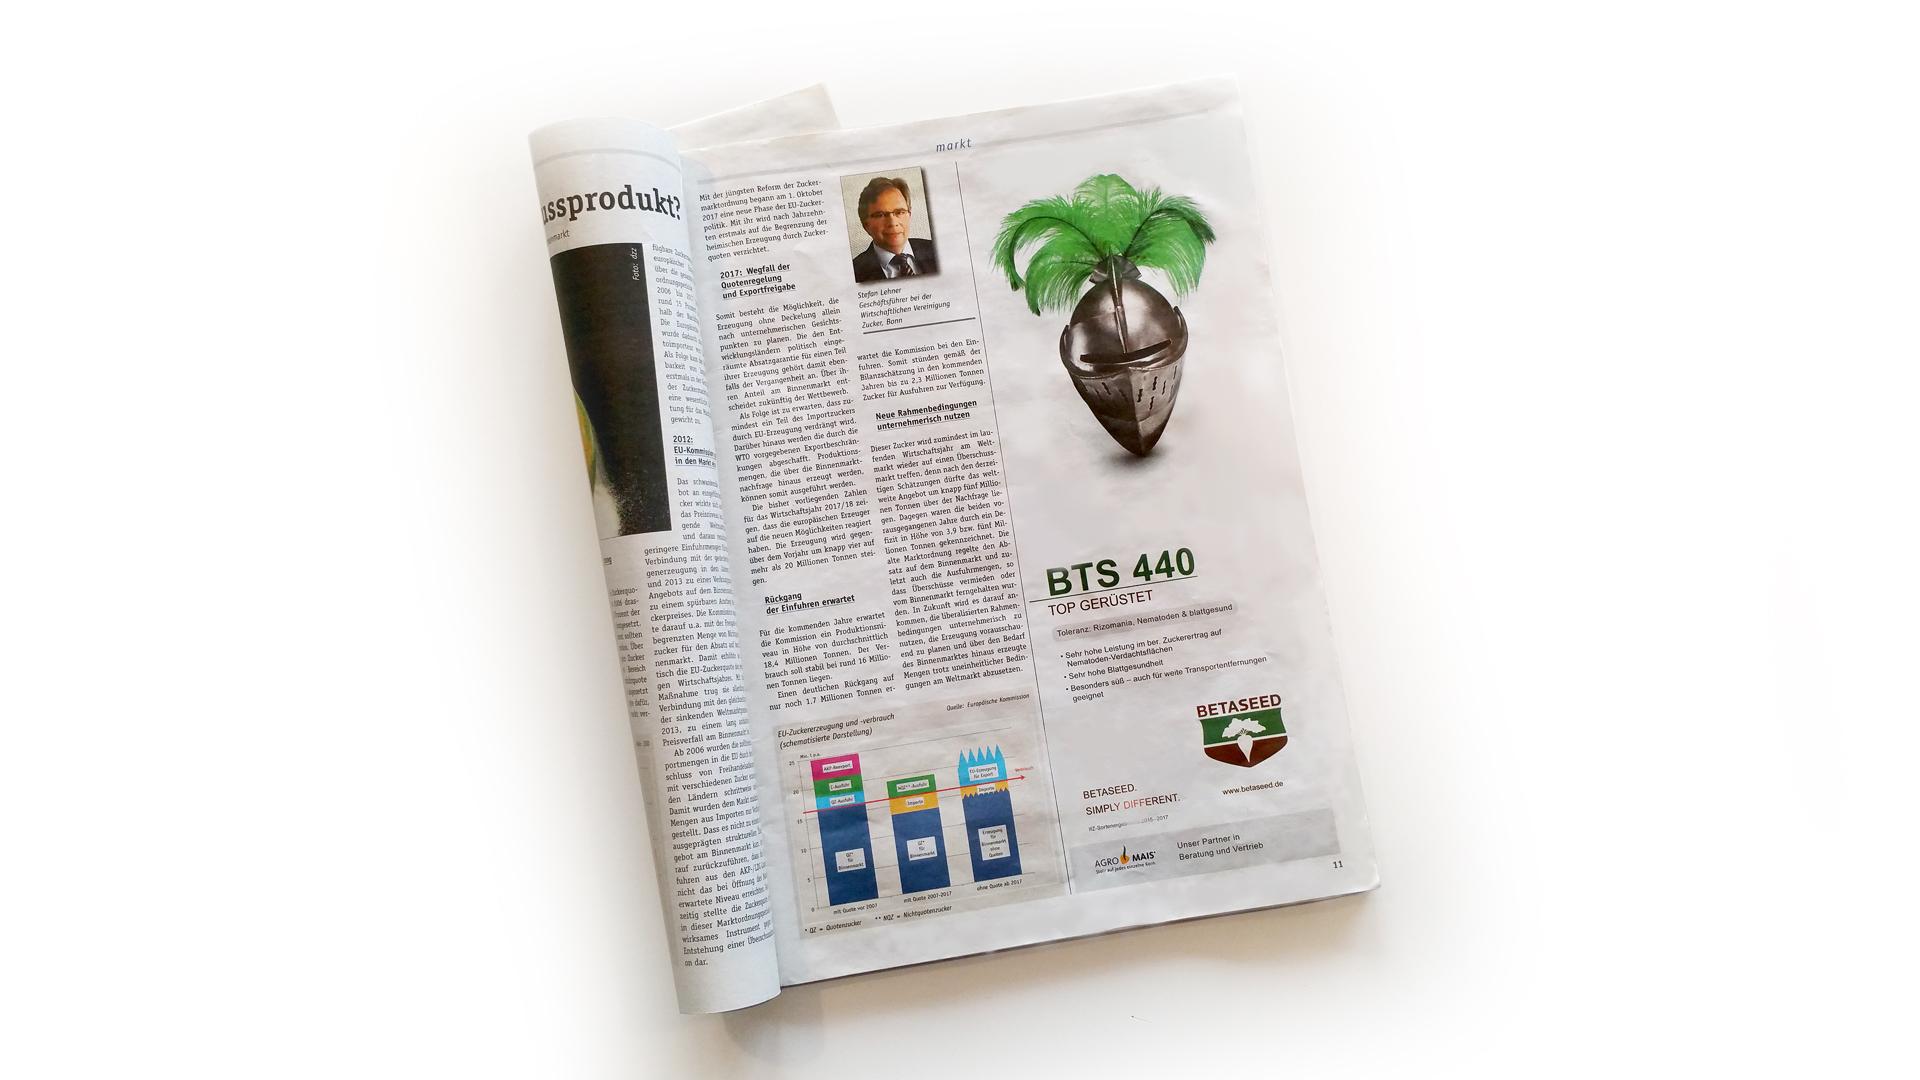 Zeitschrift mit Betaseed-Werbung